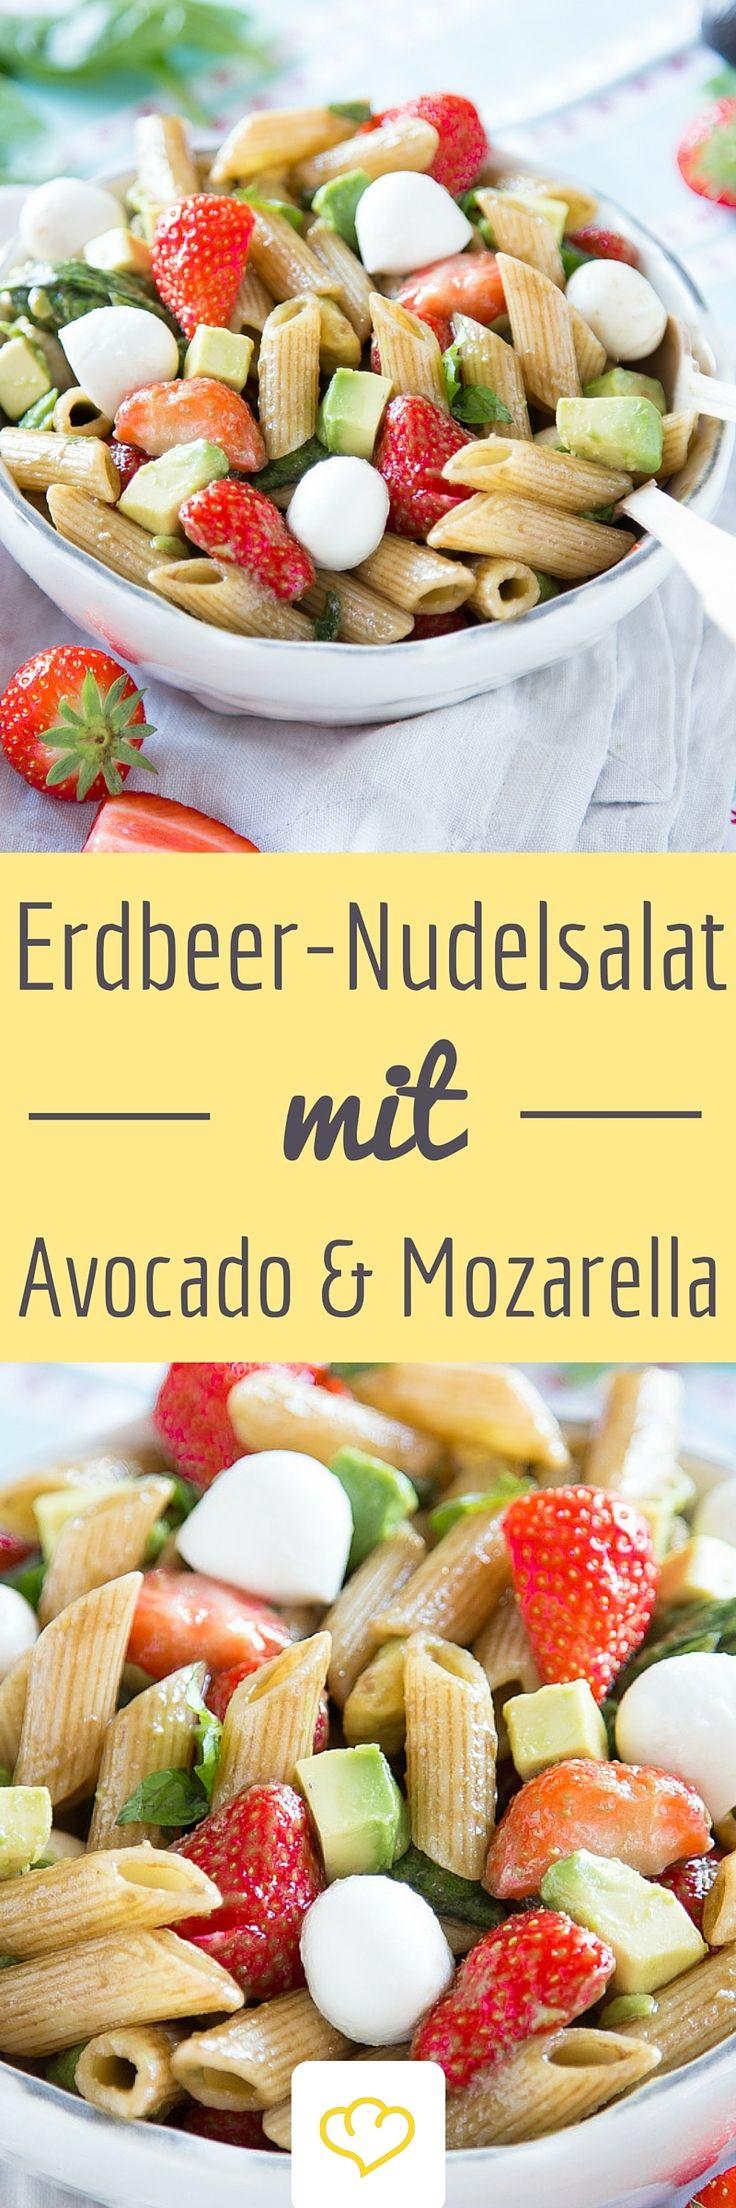 Jeder liebt Erdbeeren. Und jeder liebt Caprese. Also warum die roten Früchtchen nicht mit dem italienischen Klassiker verbinden und als fruchtigen Nudelsalat genießen?! 'Erdbeeren-Mozzarella' mit Penne und Avocado – ein sonniges Quartett!